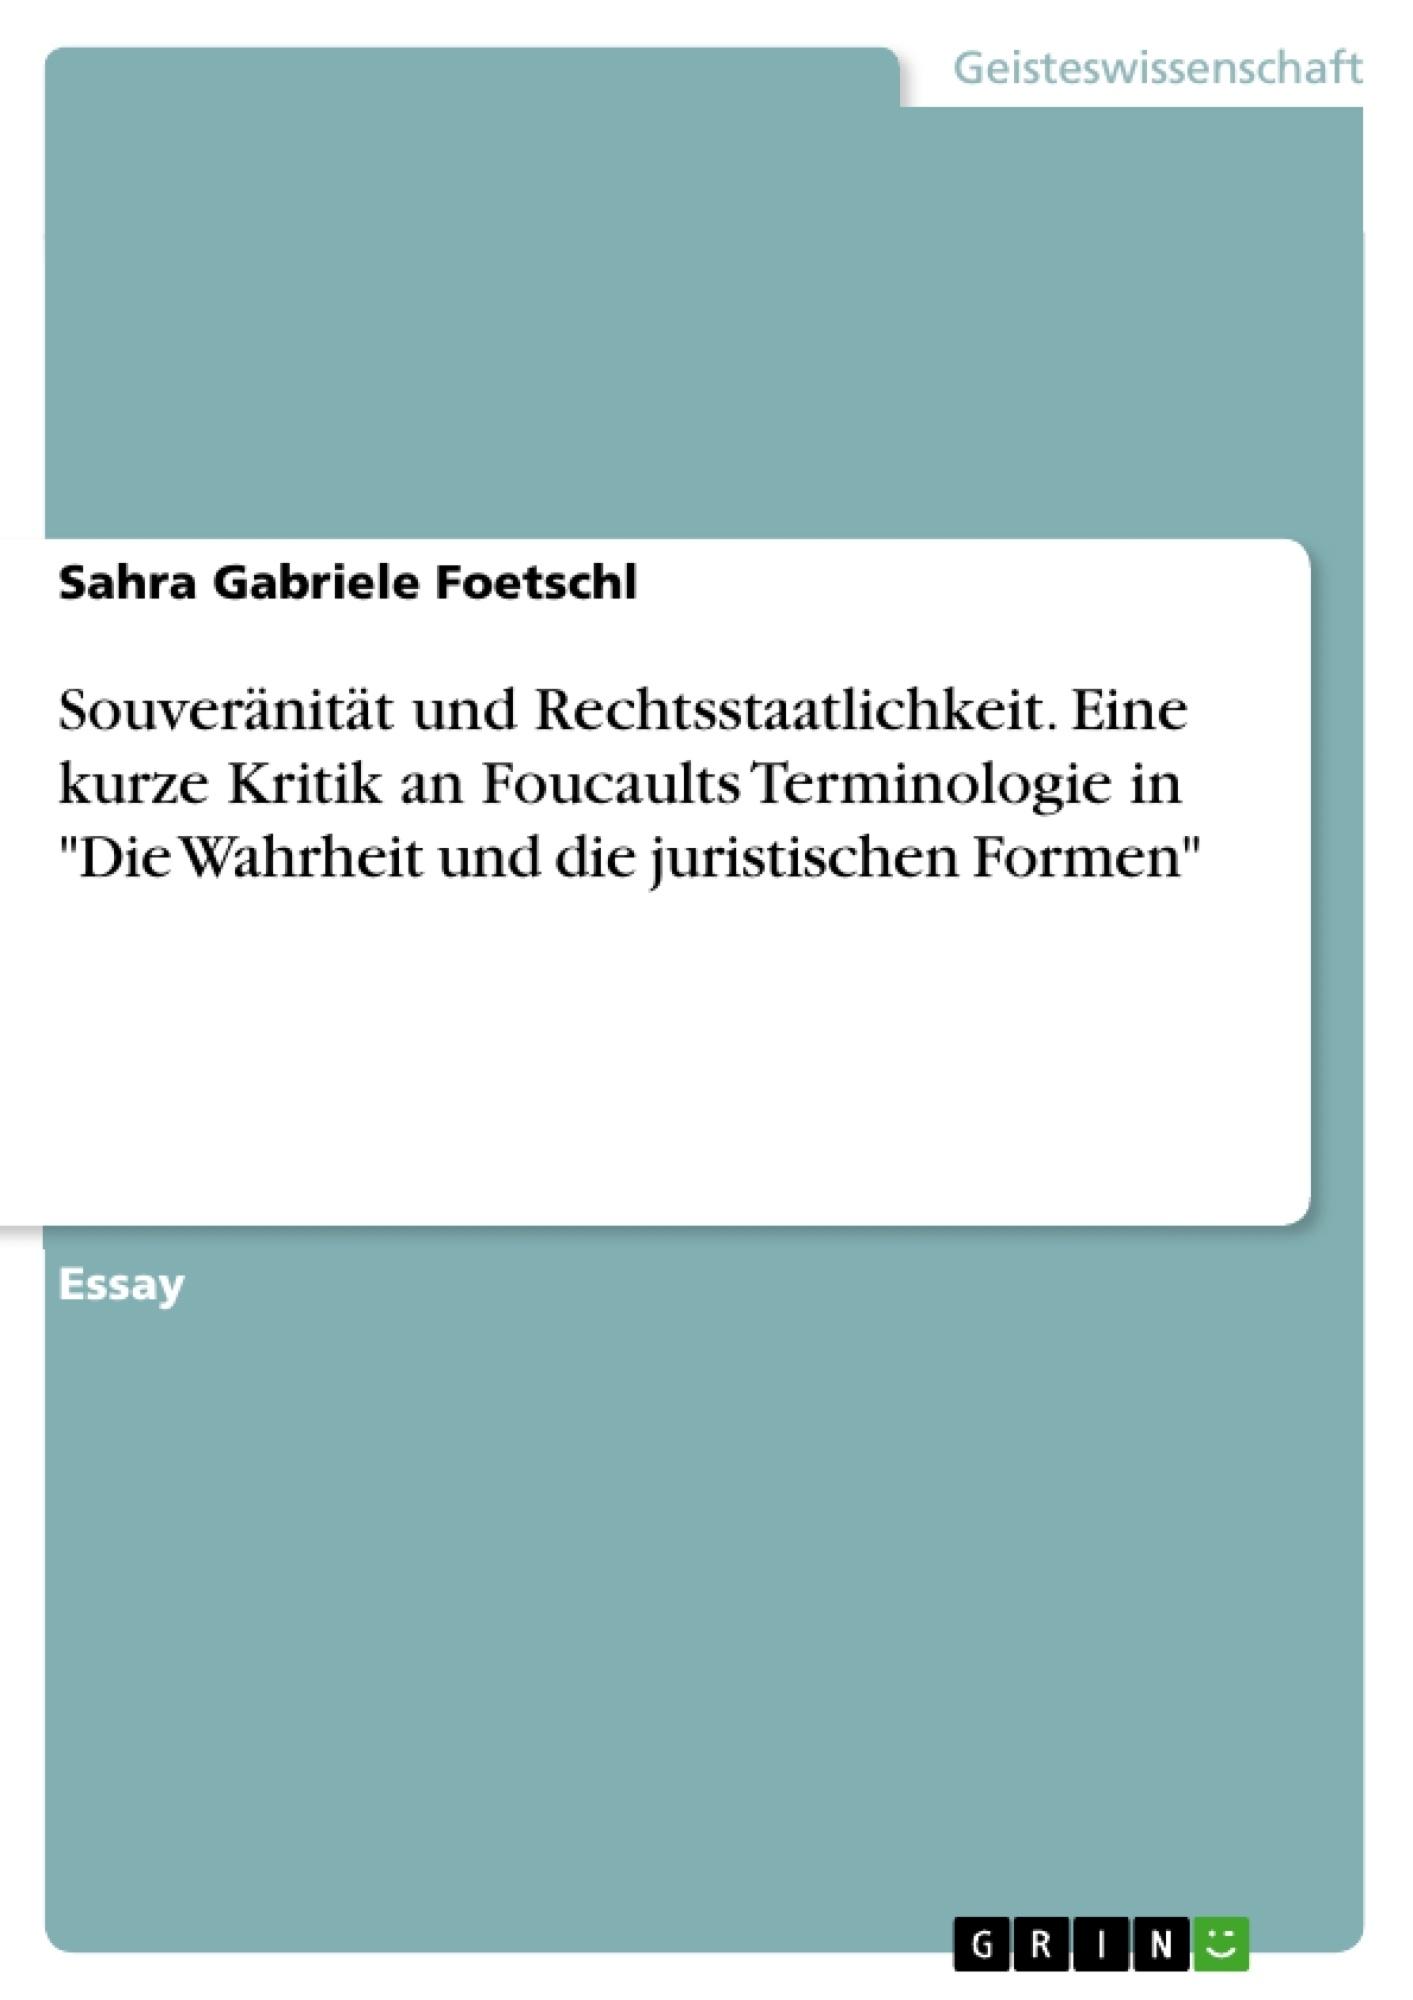 """Titel: Souveränität und Rechtsstaatlichkeit. Eine kurze Kritik an Foucaults Terminologie in """"Die Wahrheit und die juristischen Formen"""""""